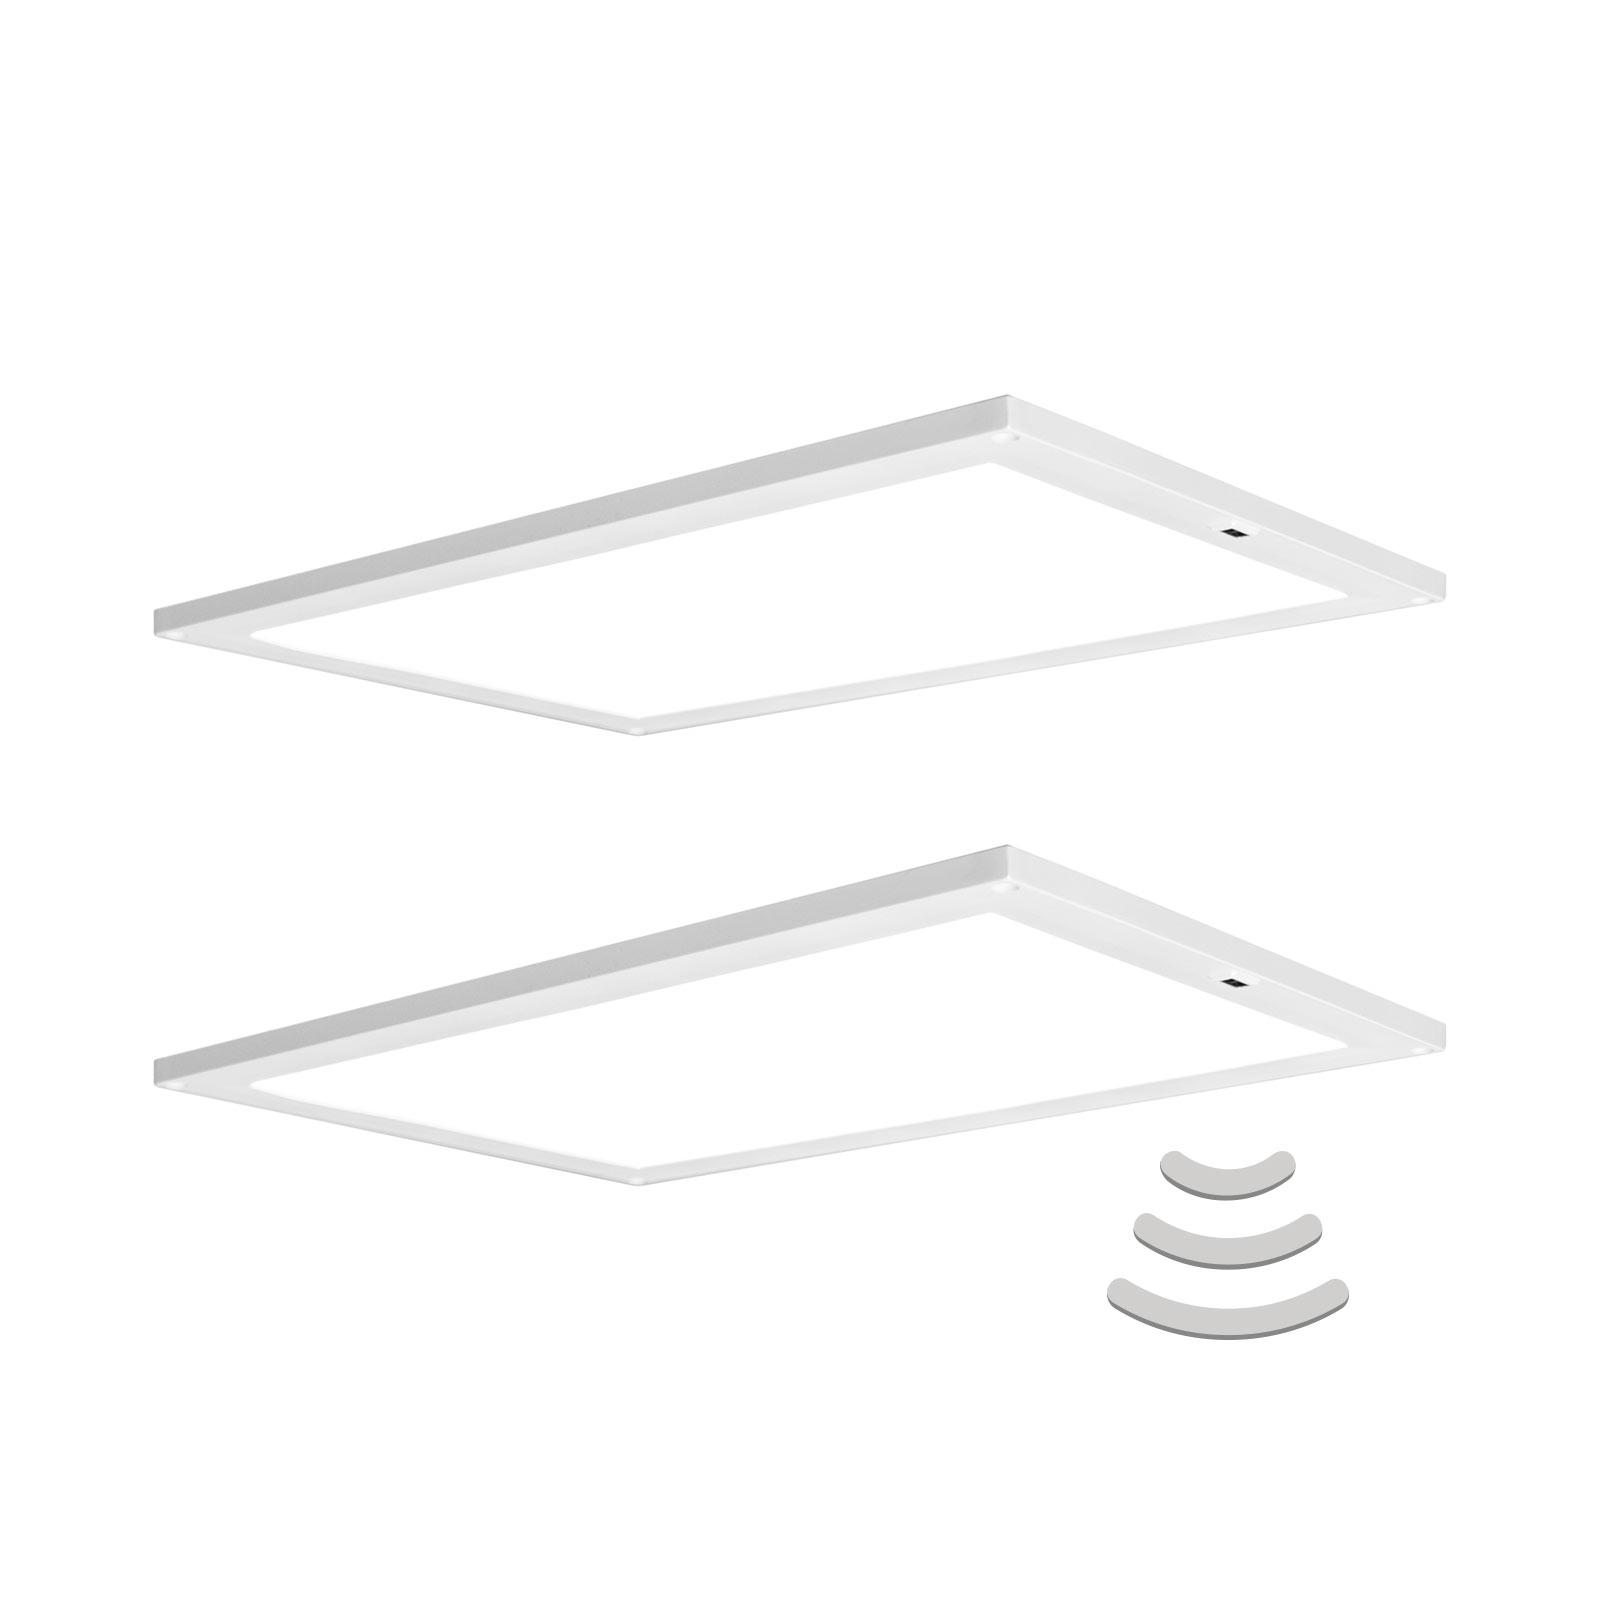 LEDVANCE Cabinet Panel underskabslampe 30x20 cm 2